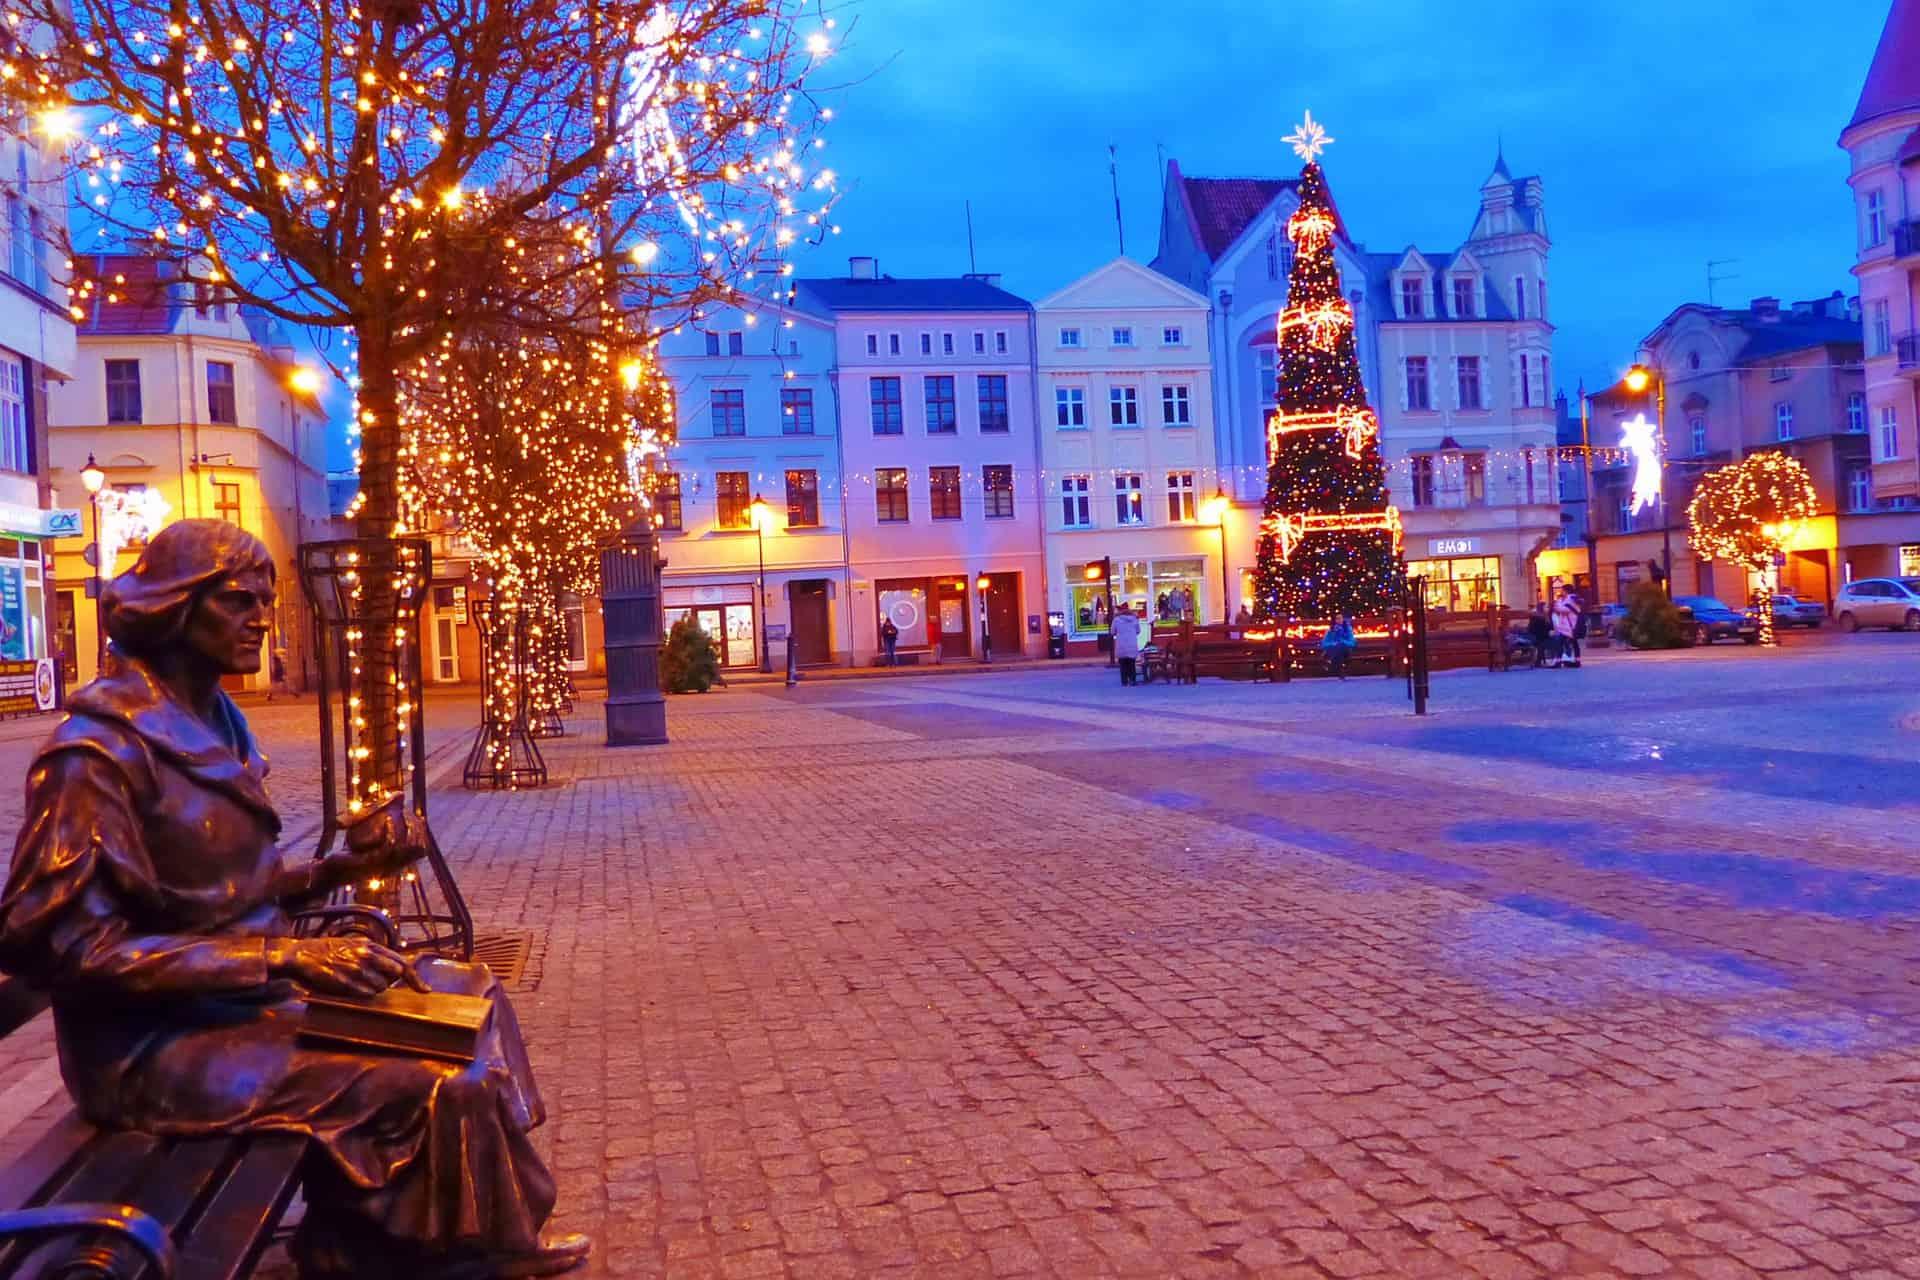 Weihnachten in Polen - Stadt Grudziądz im schönen Licht